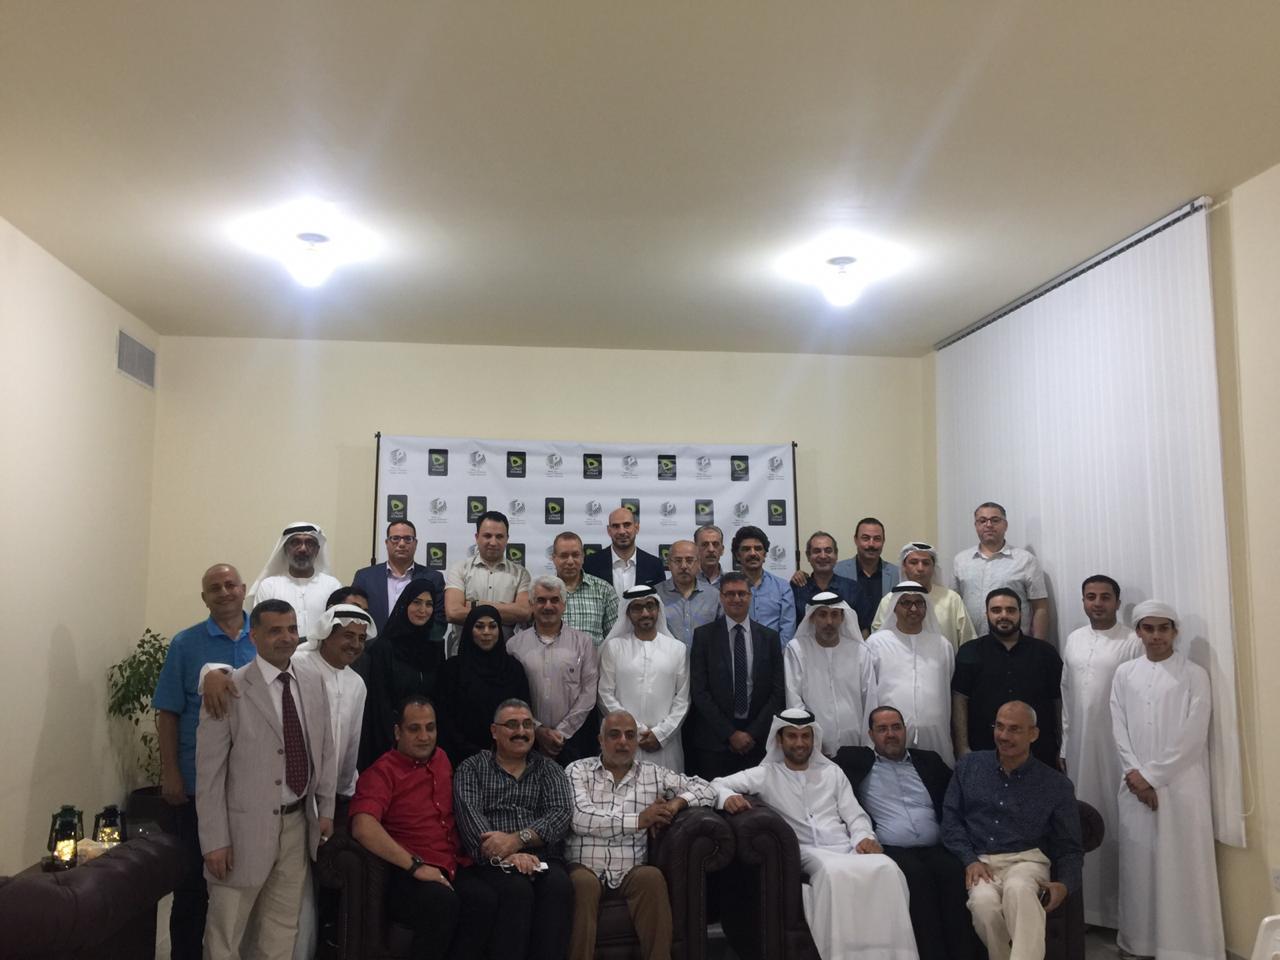 جمعية الصحفيين تنظم أمسية رمضانية بأبوظبي